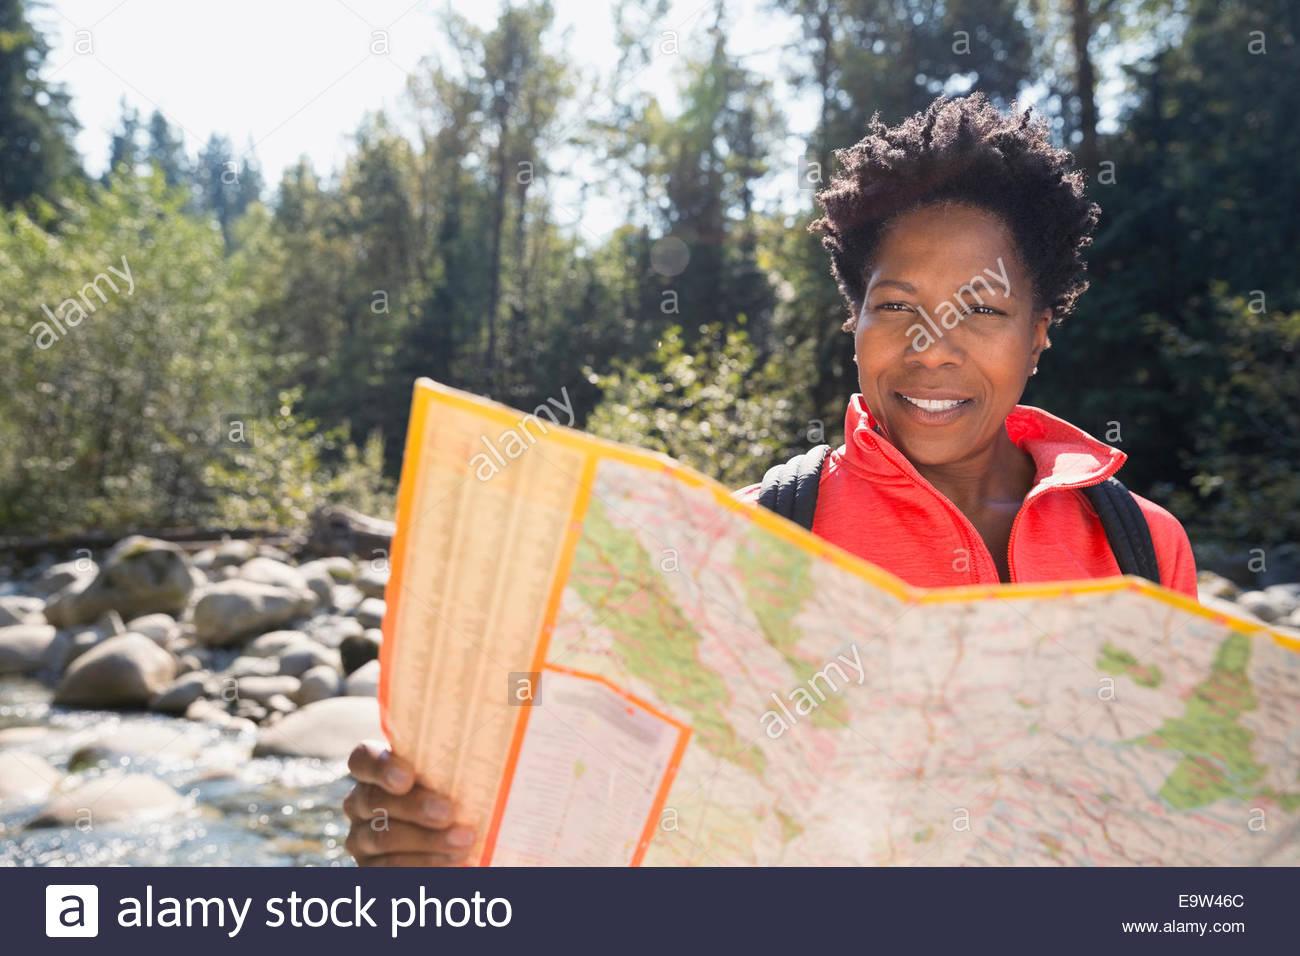 Mujer mirando su mapa de senderos en bosques soleados Imagen De Stock